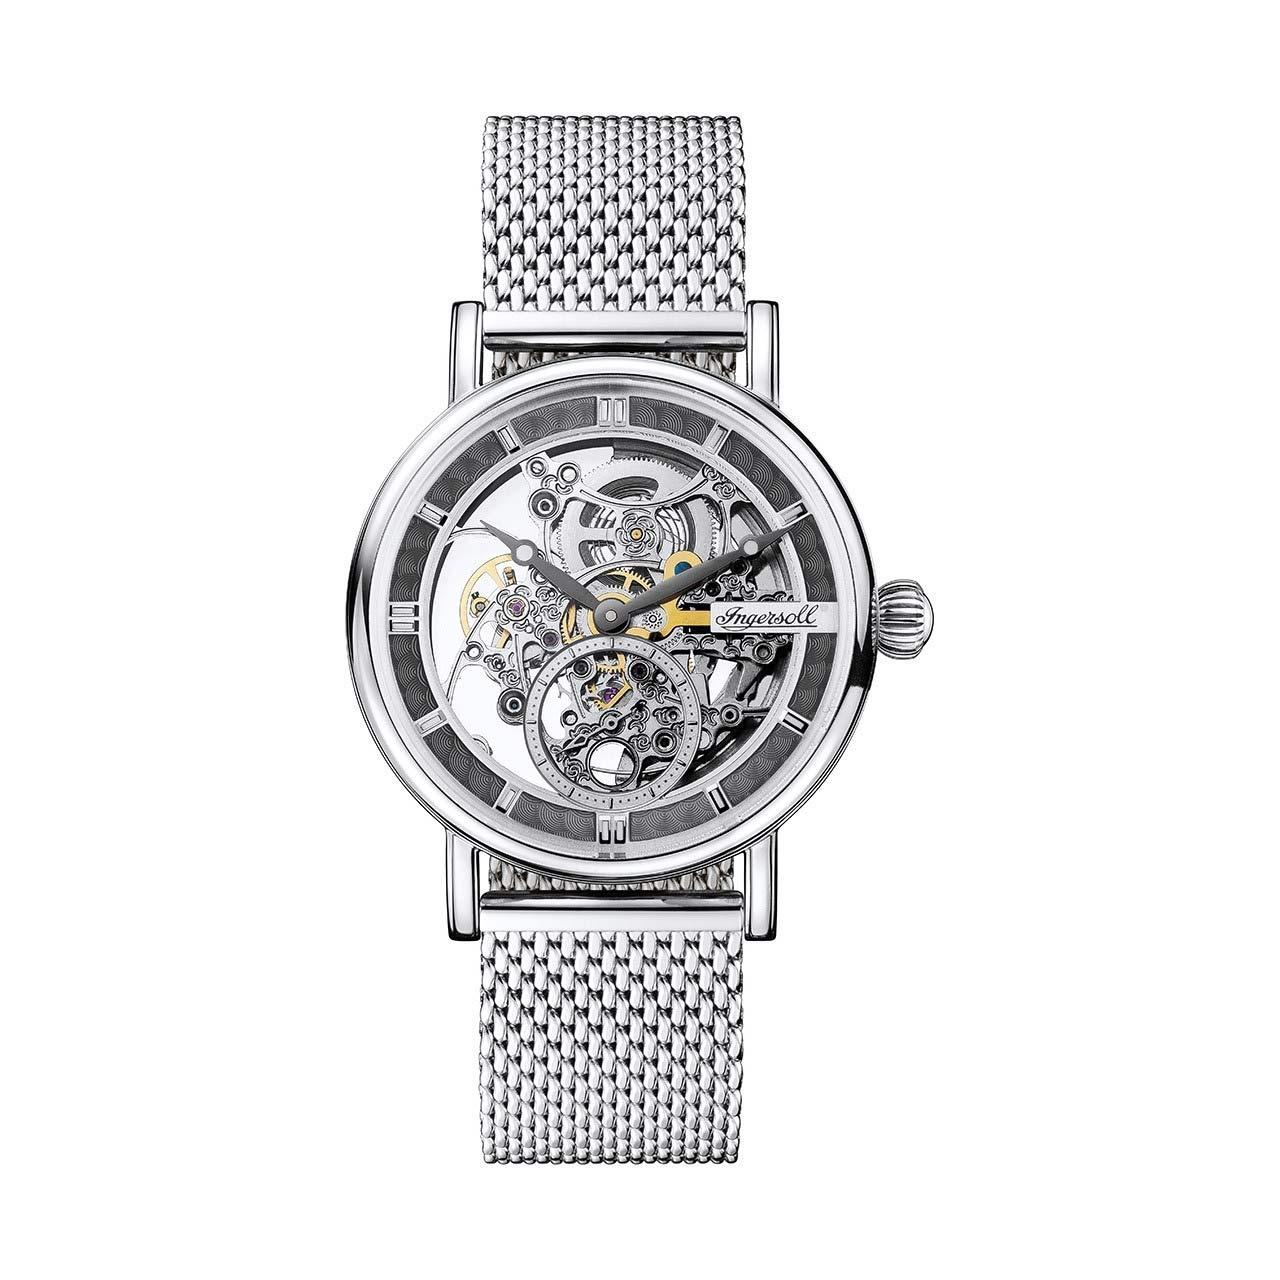 ساعت مچی عقربه ای مردانه اینگرسل مدل I00405 50